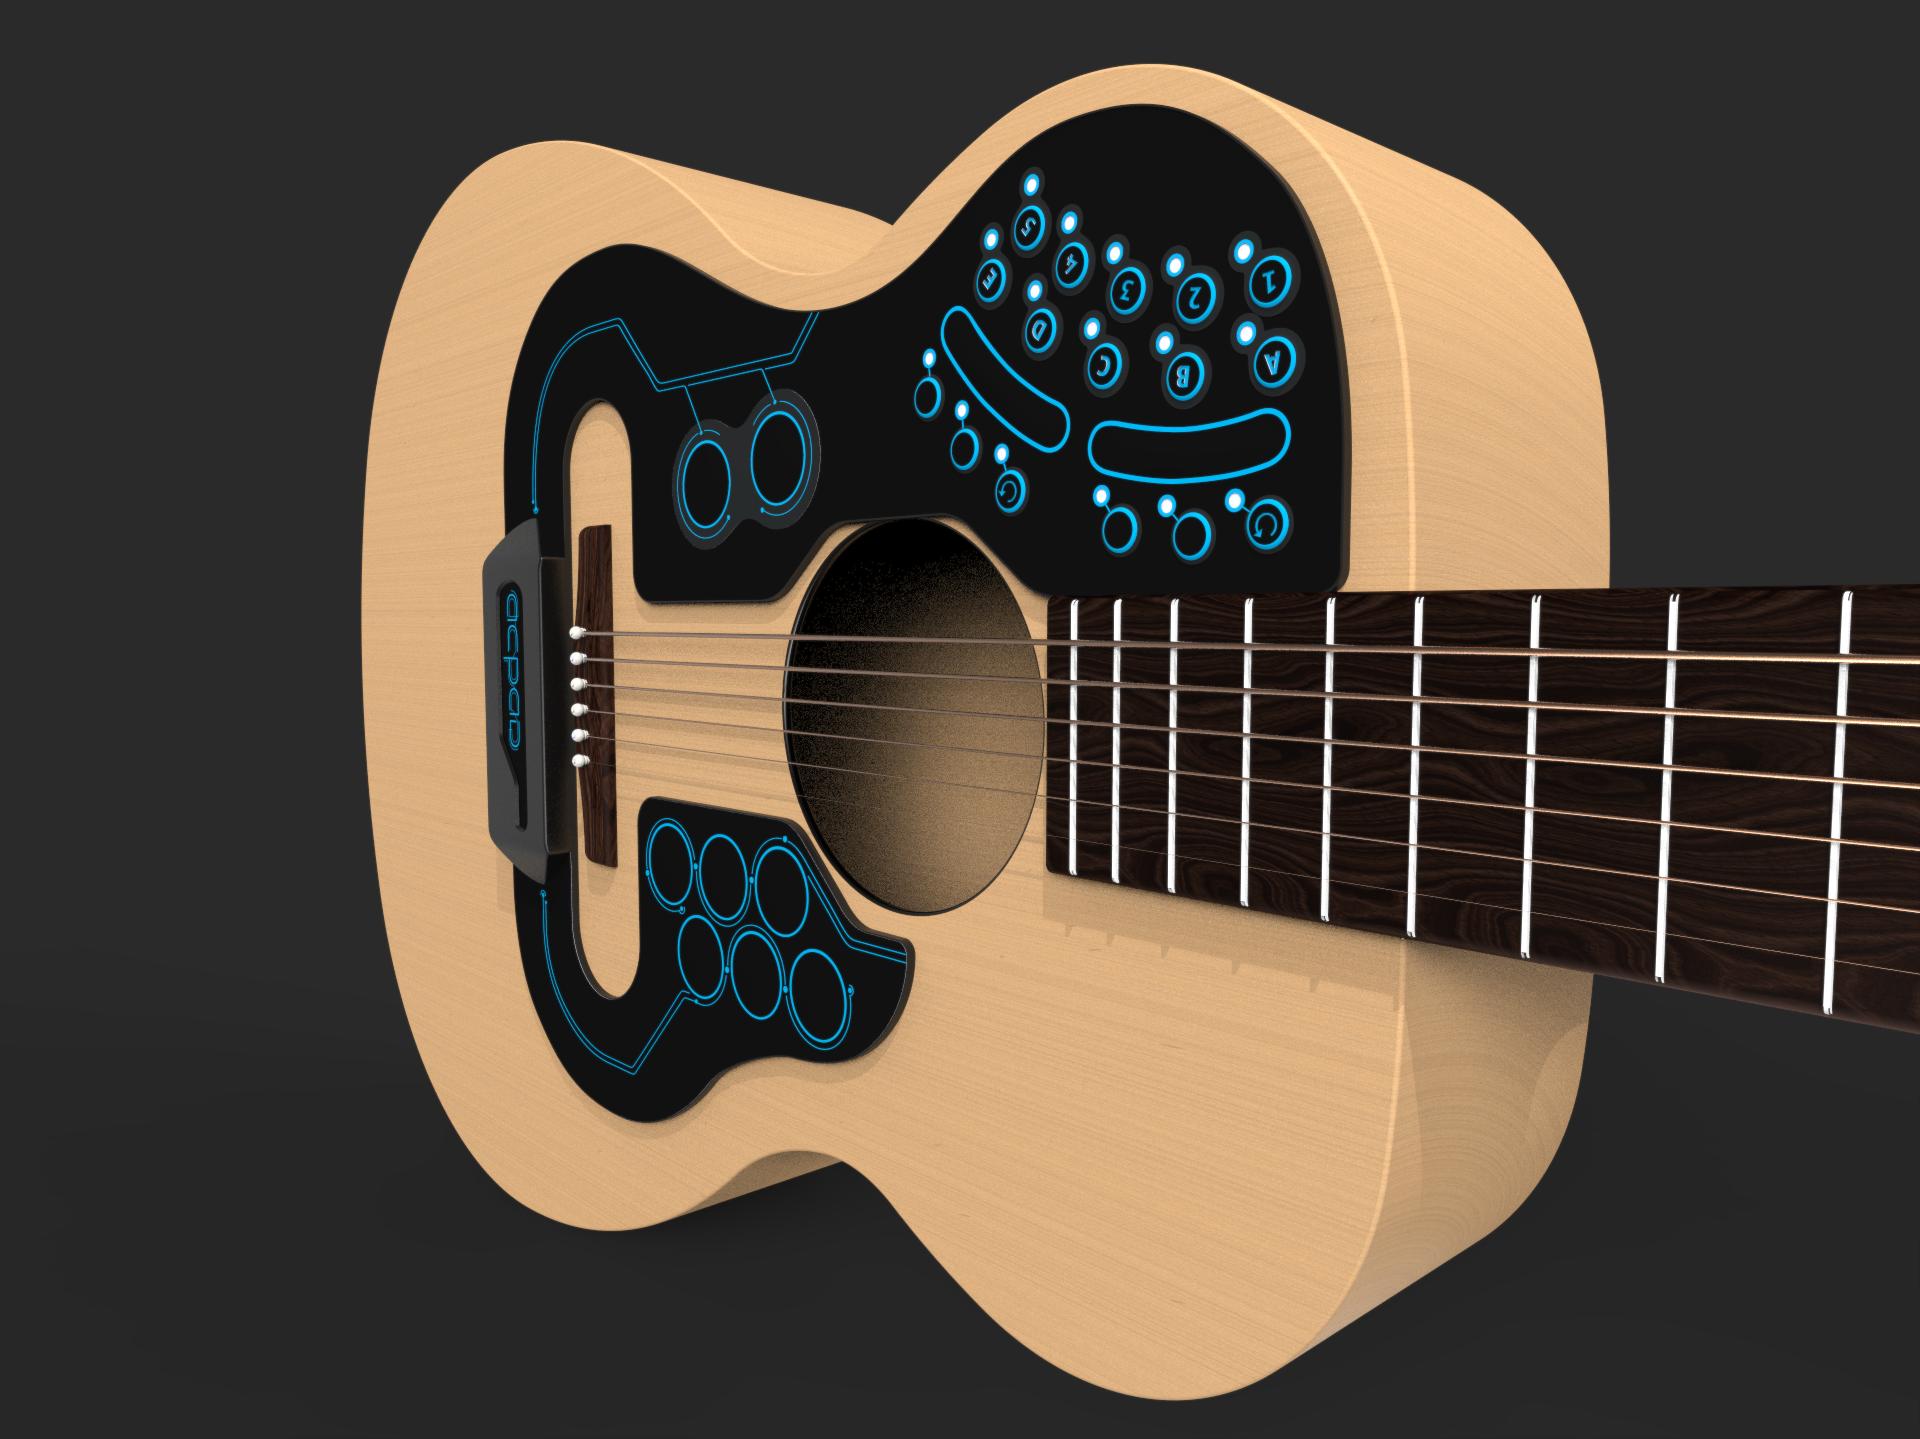 Artesanato Feltro Passo A Passo ~ ACPAD adesivo inteligente transforma viol u00e3o acústico em banda completa TecM